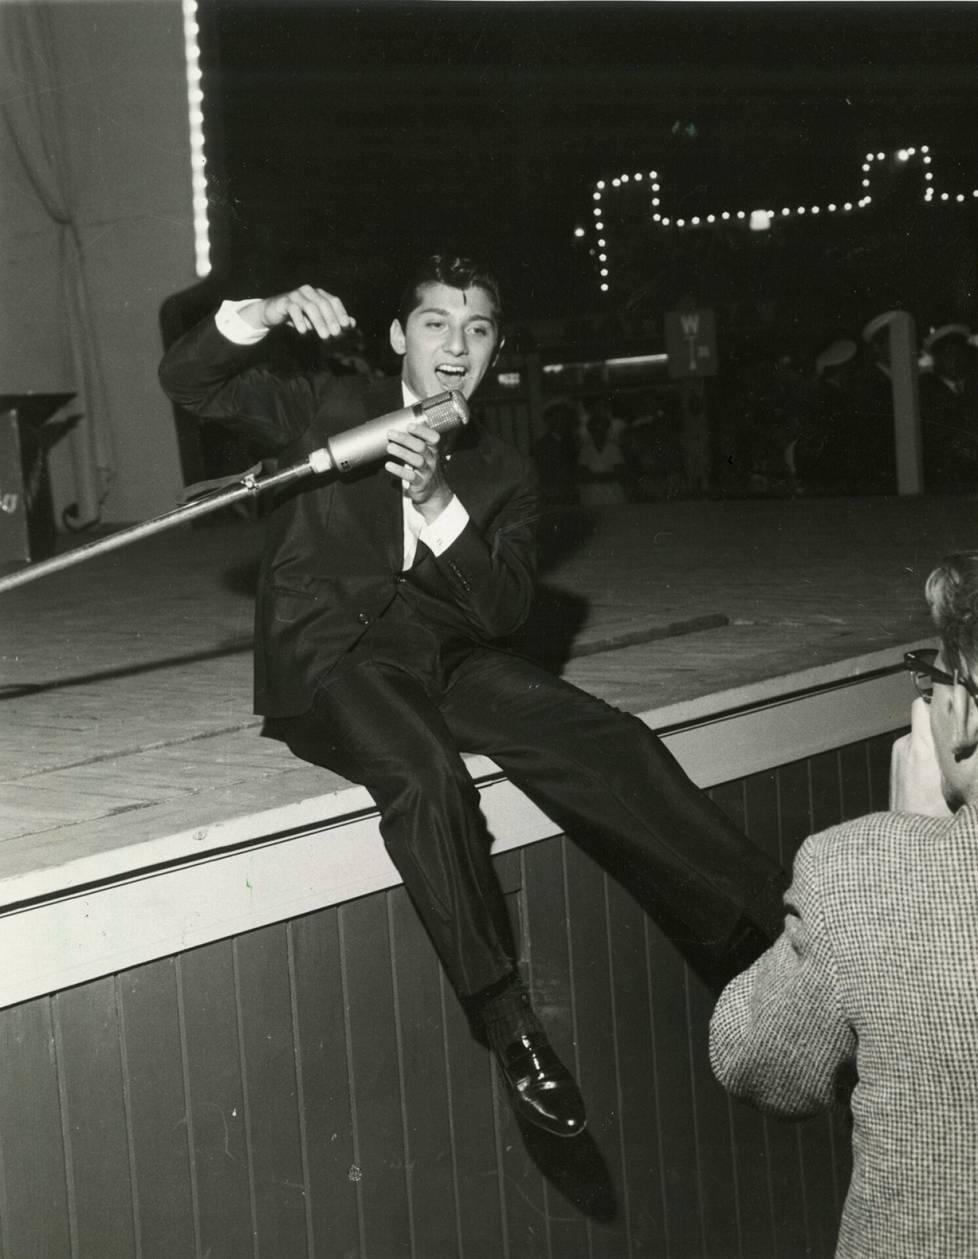 Linnanmäellä koettiin hysteriaa vuonna 1959, kun Paul Anka esiintyi.